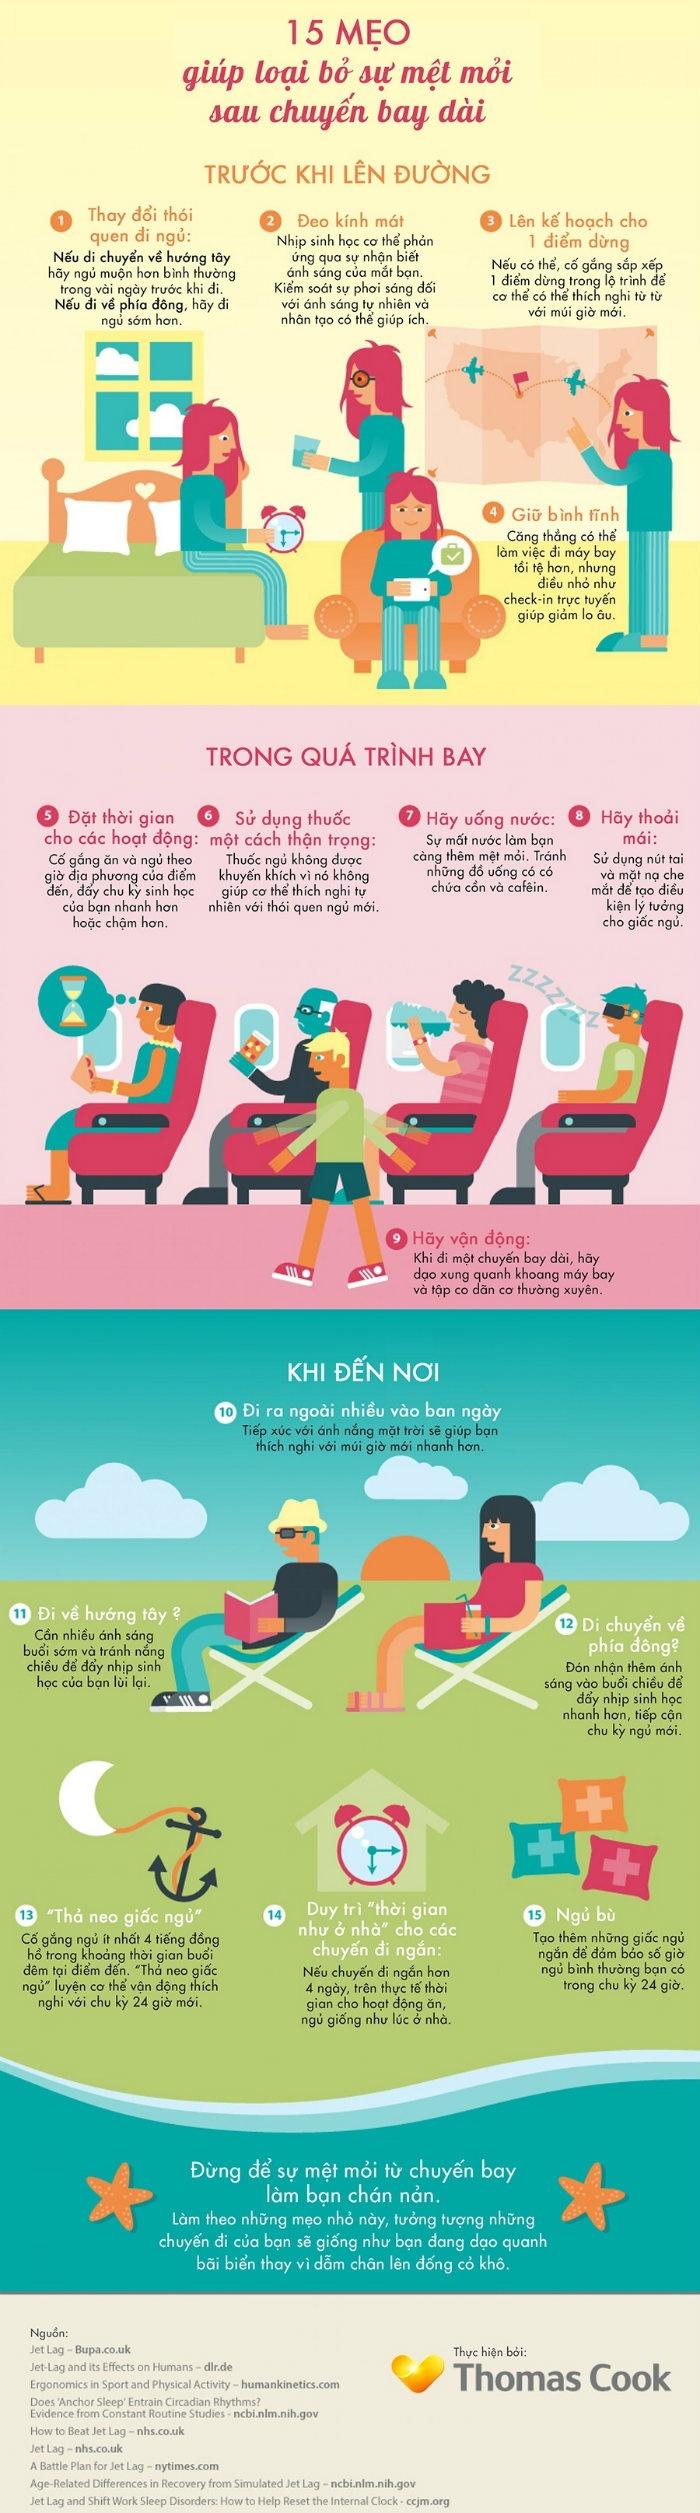 15 cách để đối phó với những chuyến bay dài